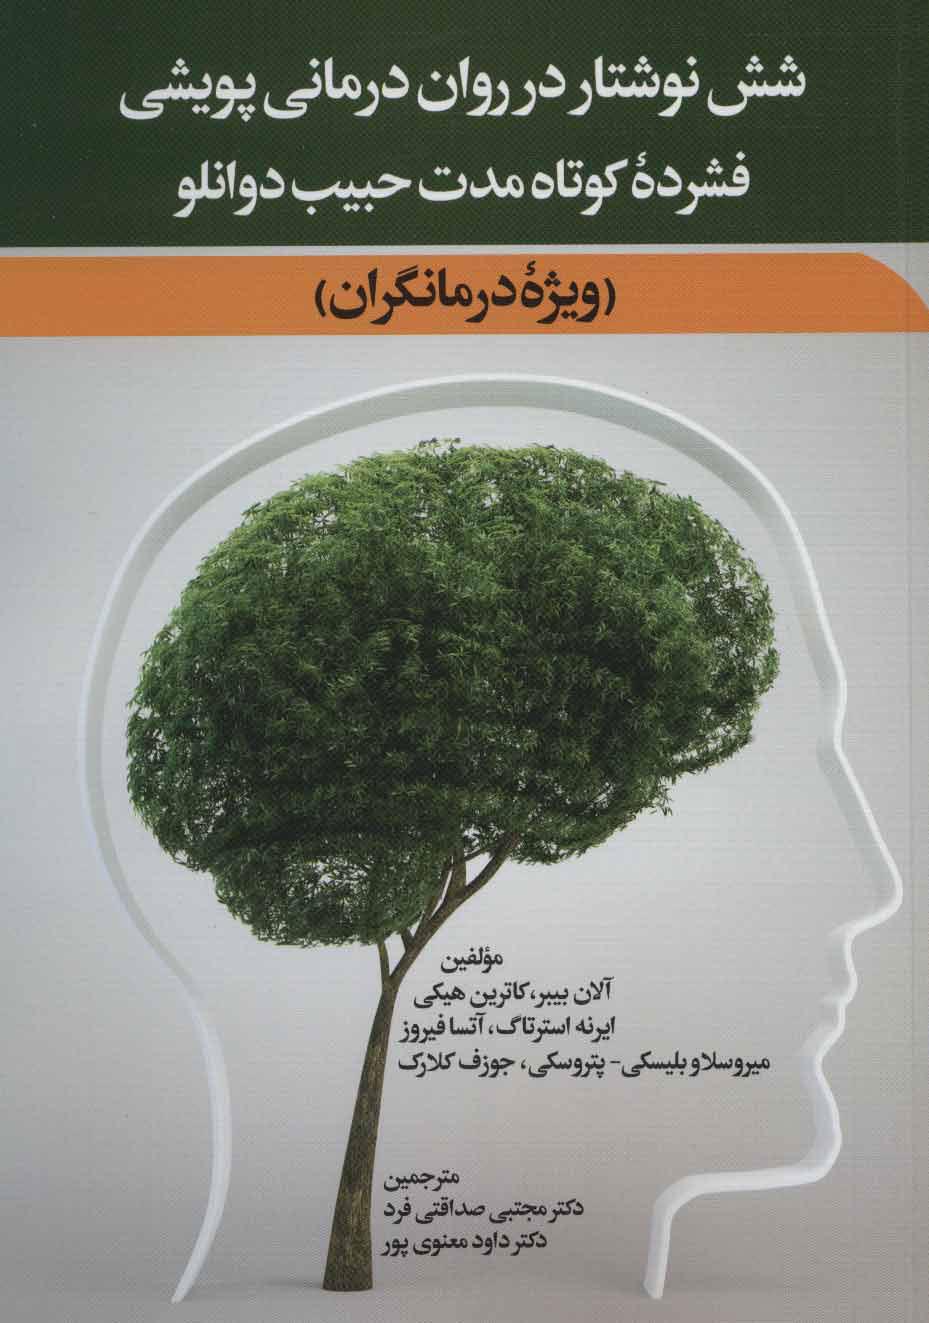 کتاب شش نوشتار در روان درمانی پویشی فشرده کوتاه مدت حبیب دوانلو